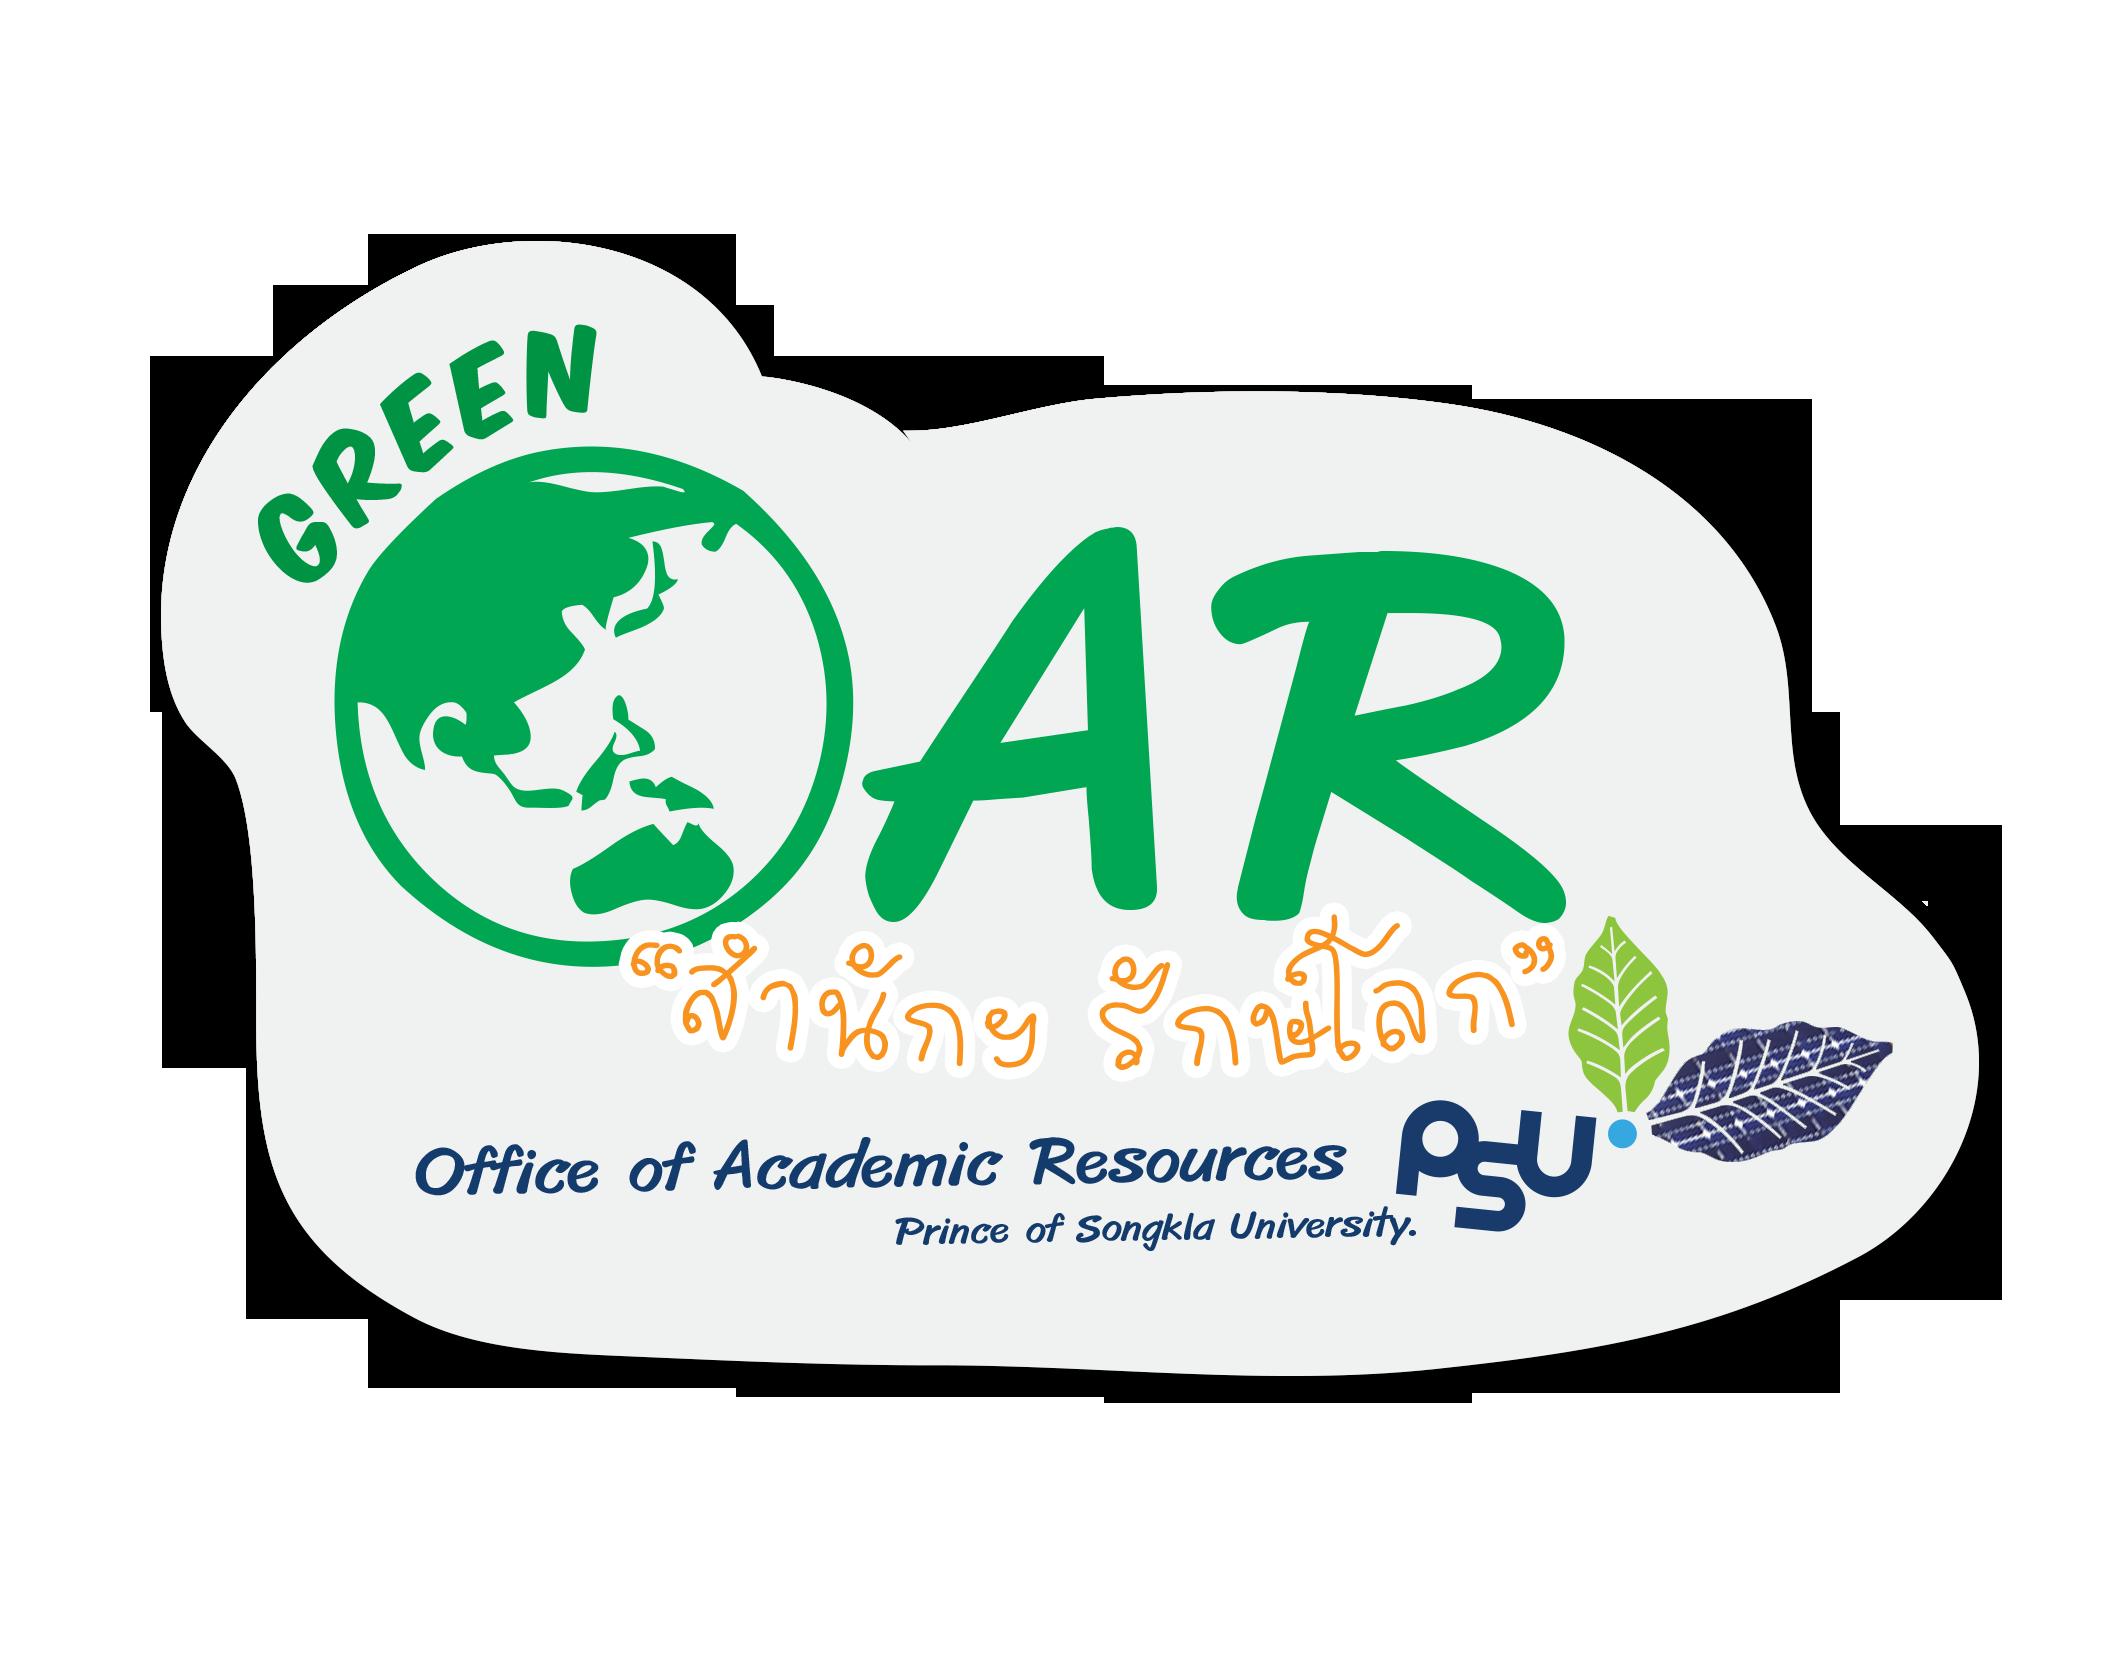 Green OAR